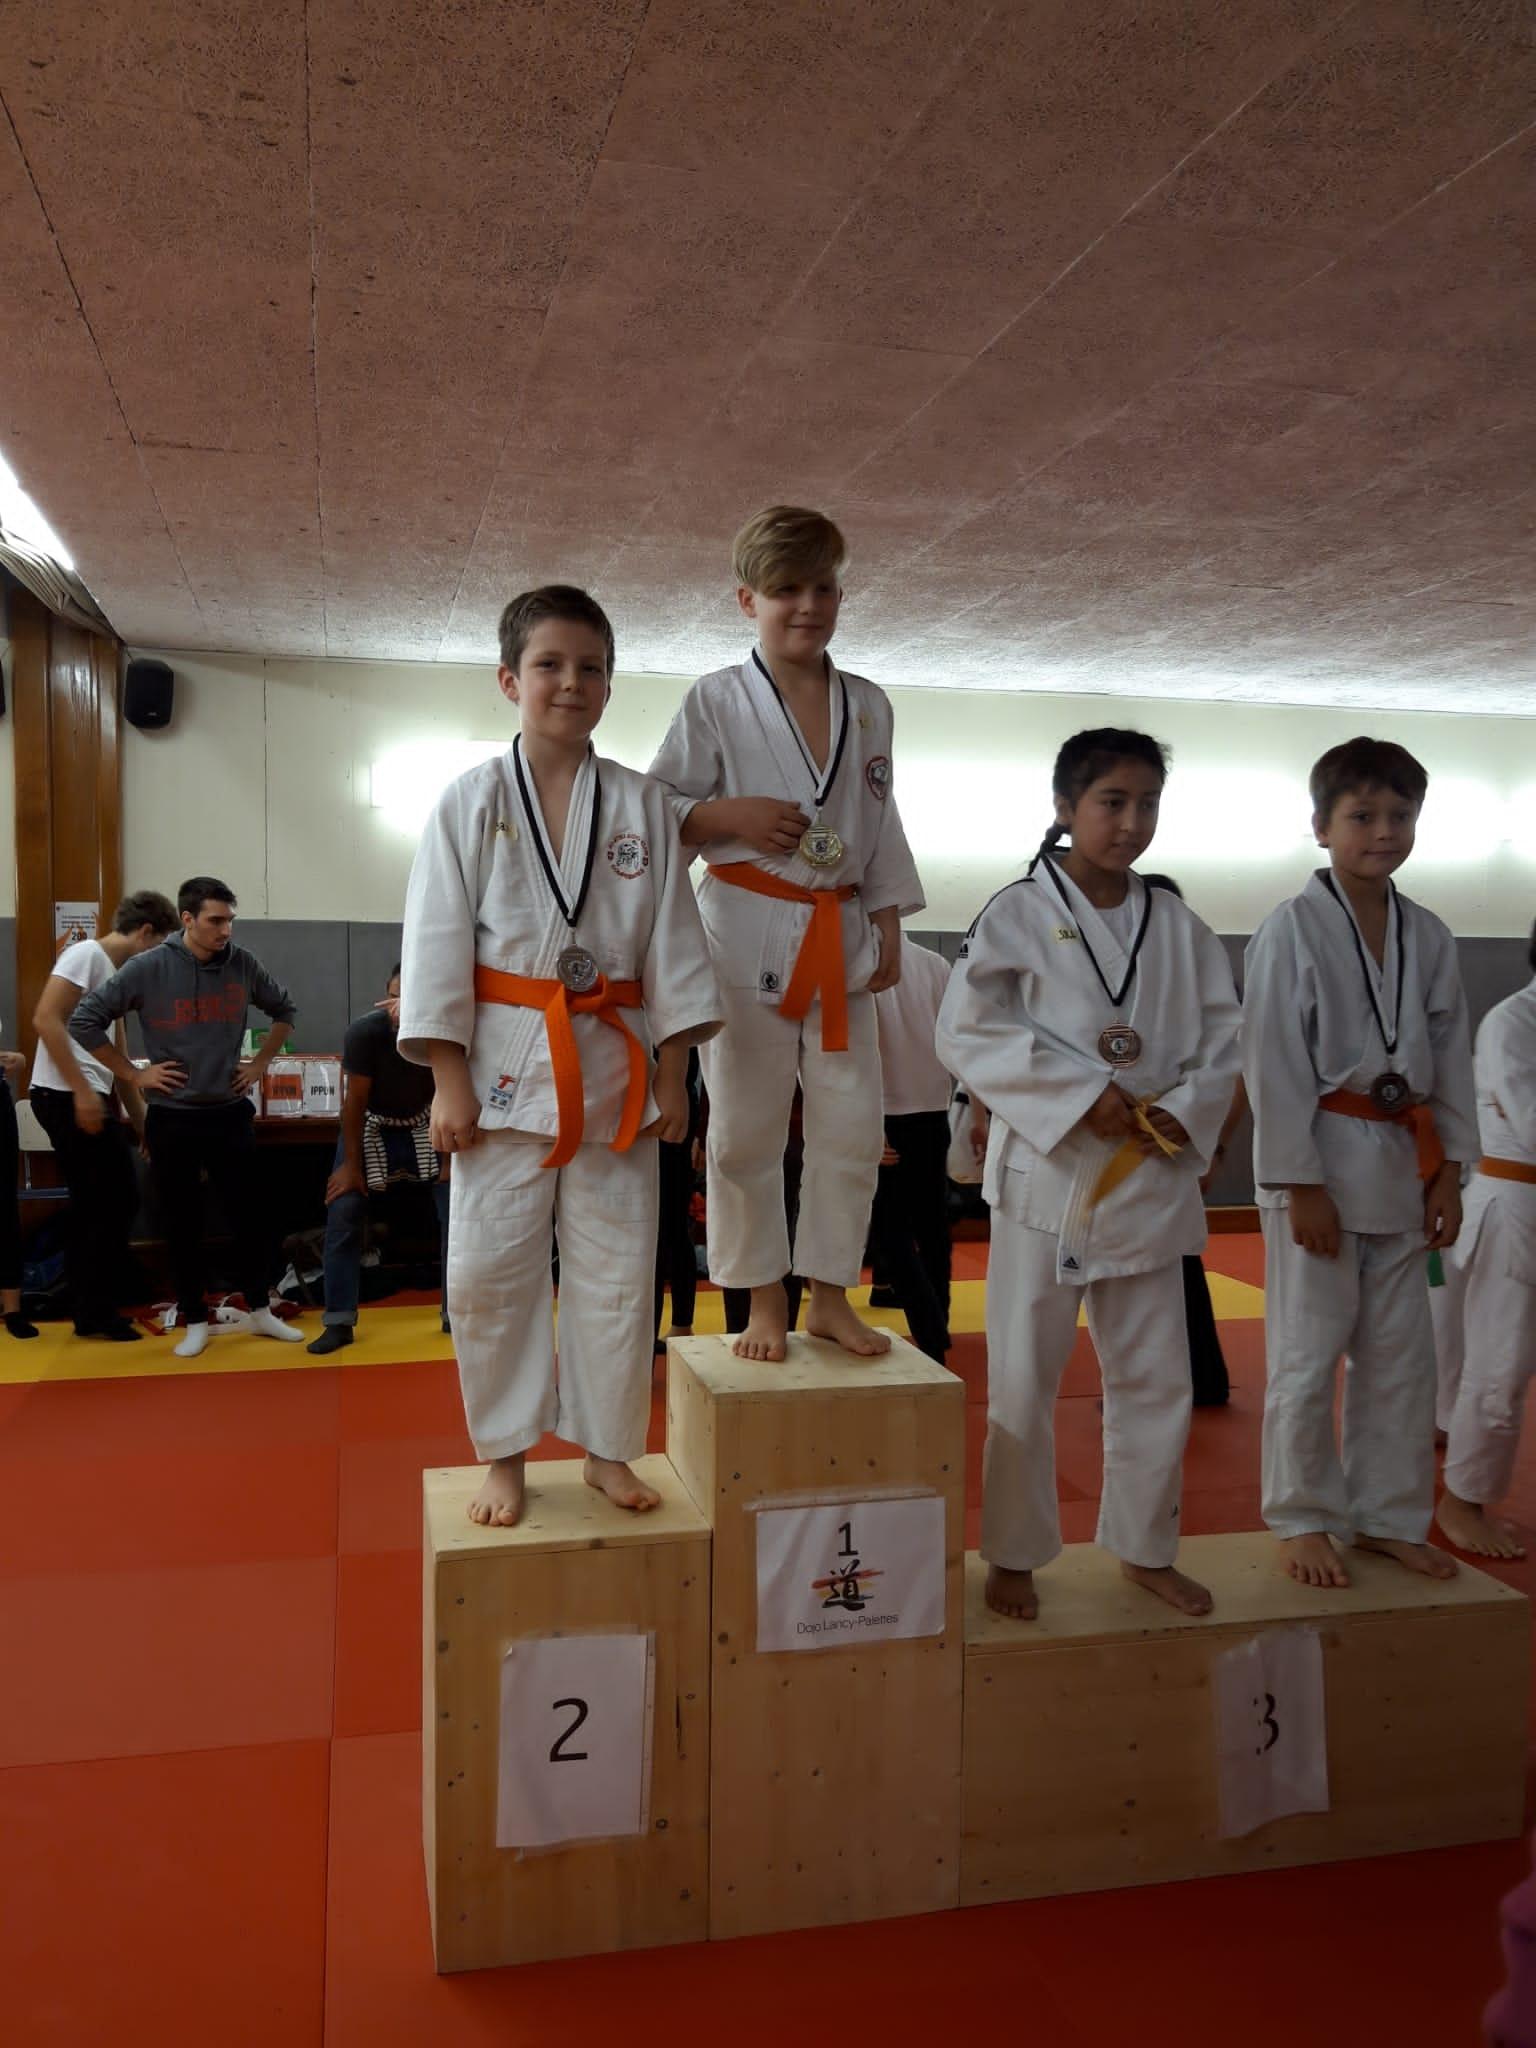 2019.11.03 : Tournoi d'automne Ecoliers de Judo